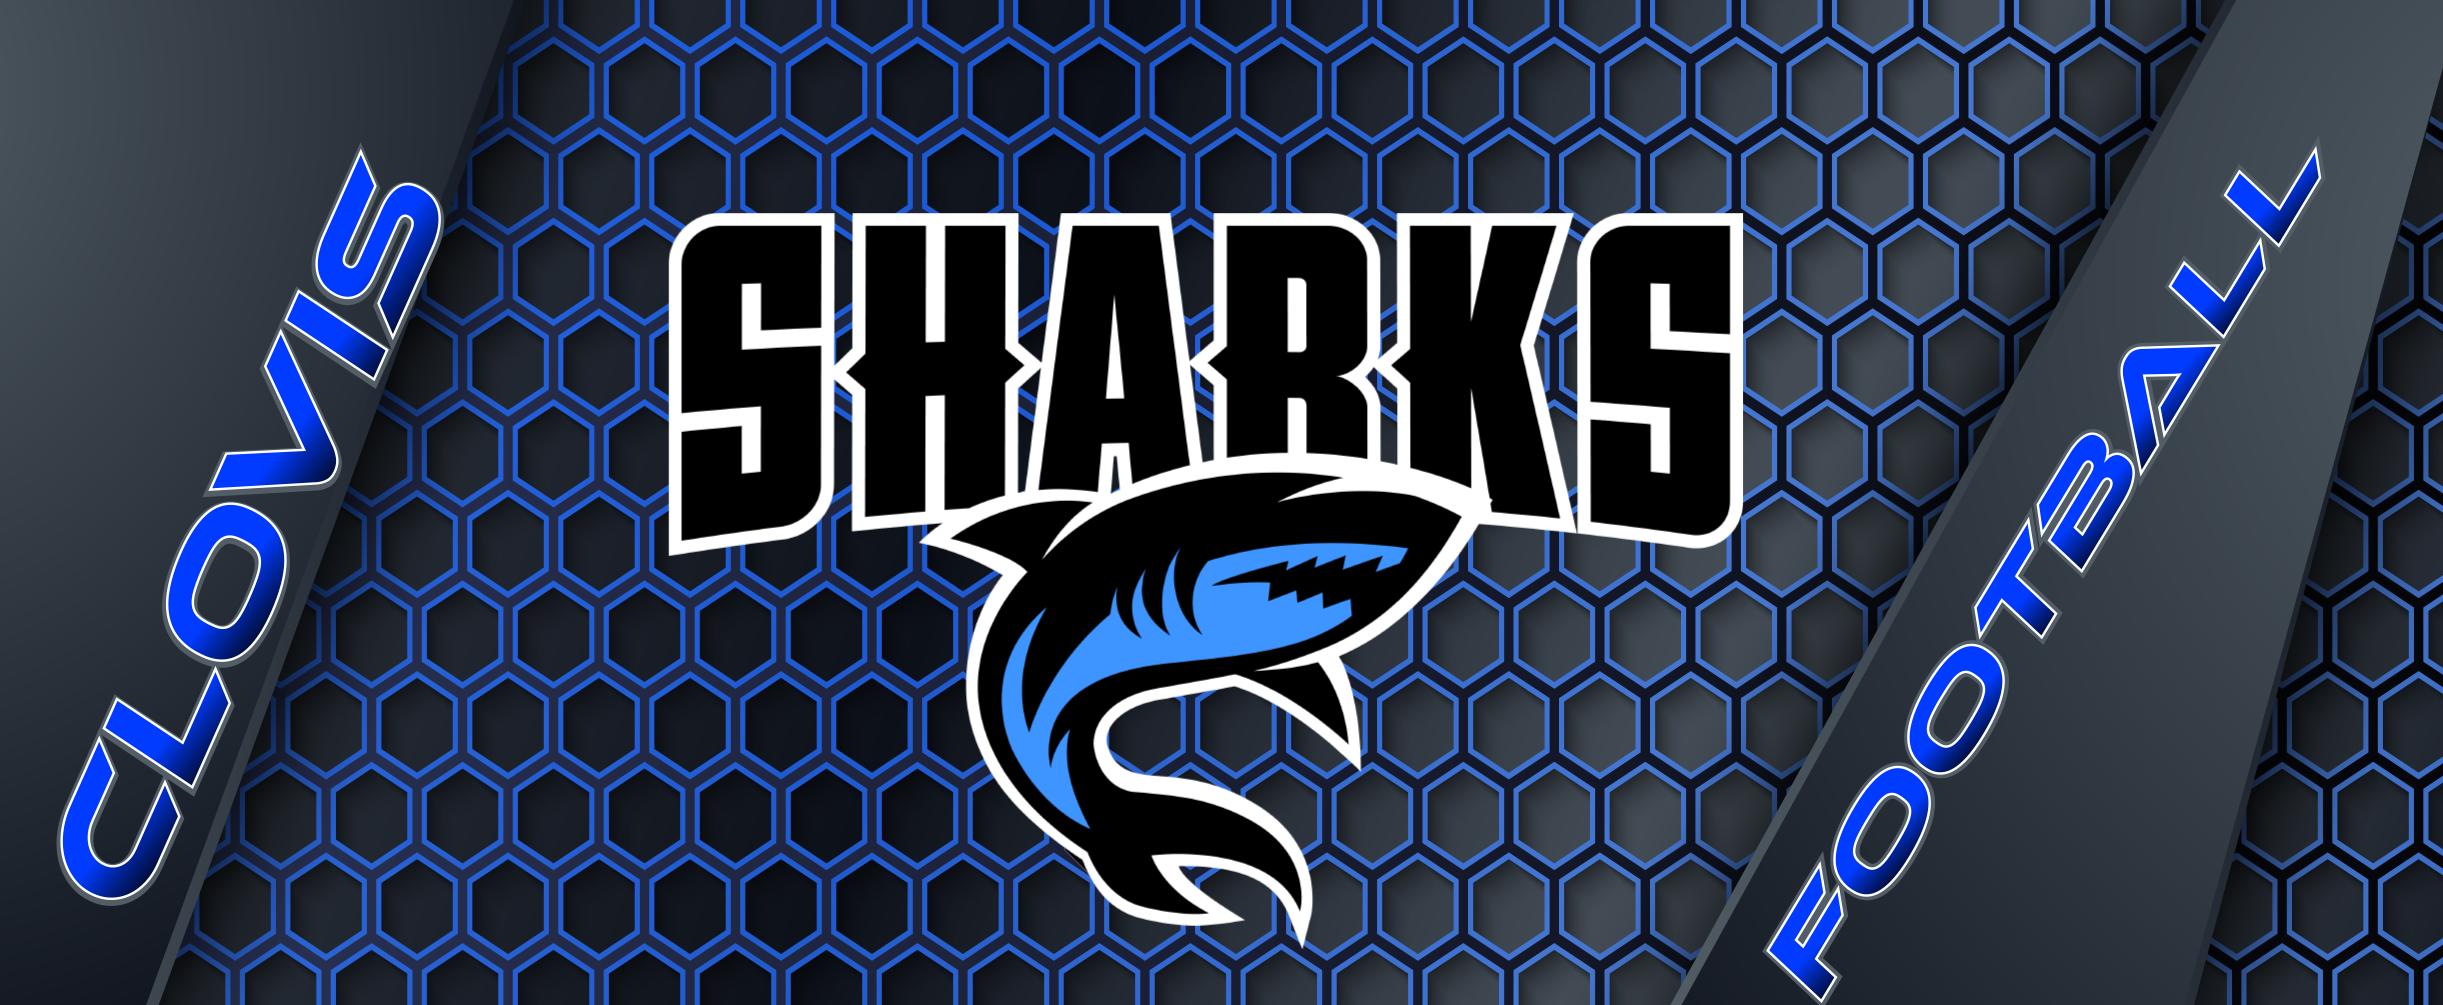 Sharks banner ............1 nadia